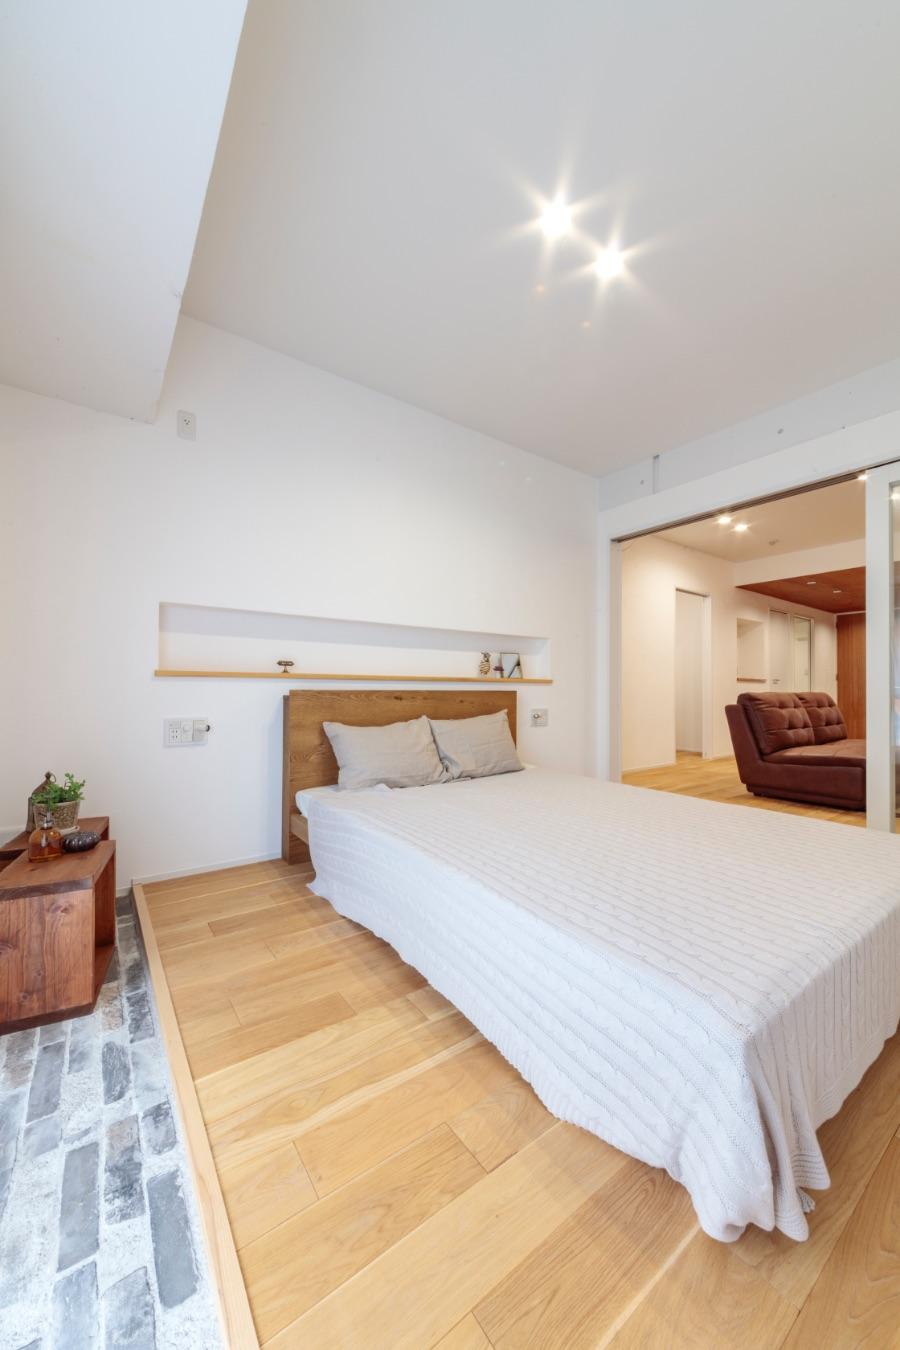 室内の床の高さをそろえたことで生じた寝室の段差は、フロアタイルを敷き空間のアクセントに活用。